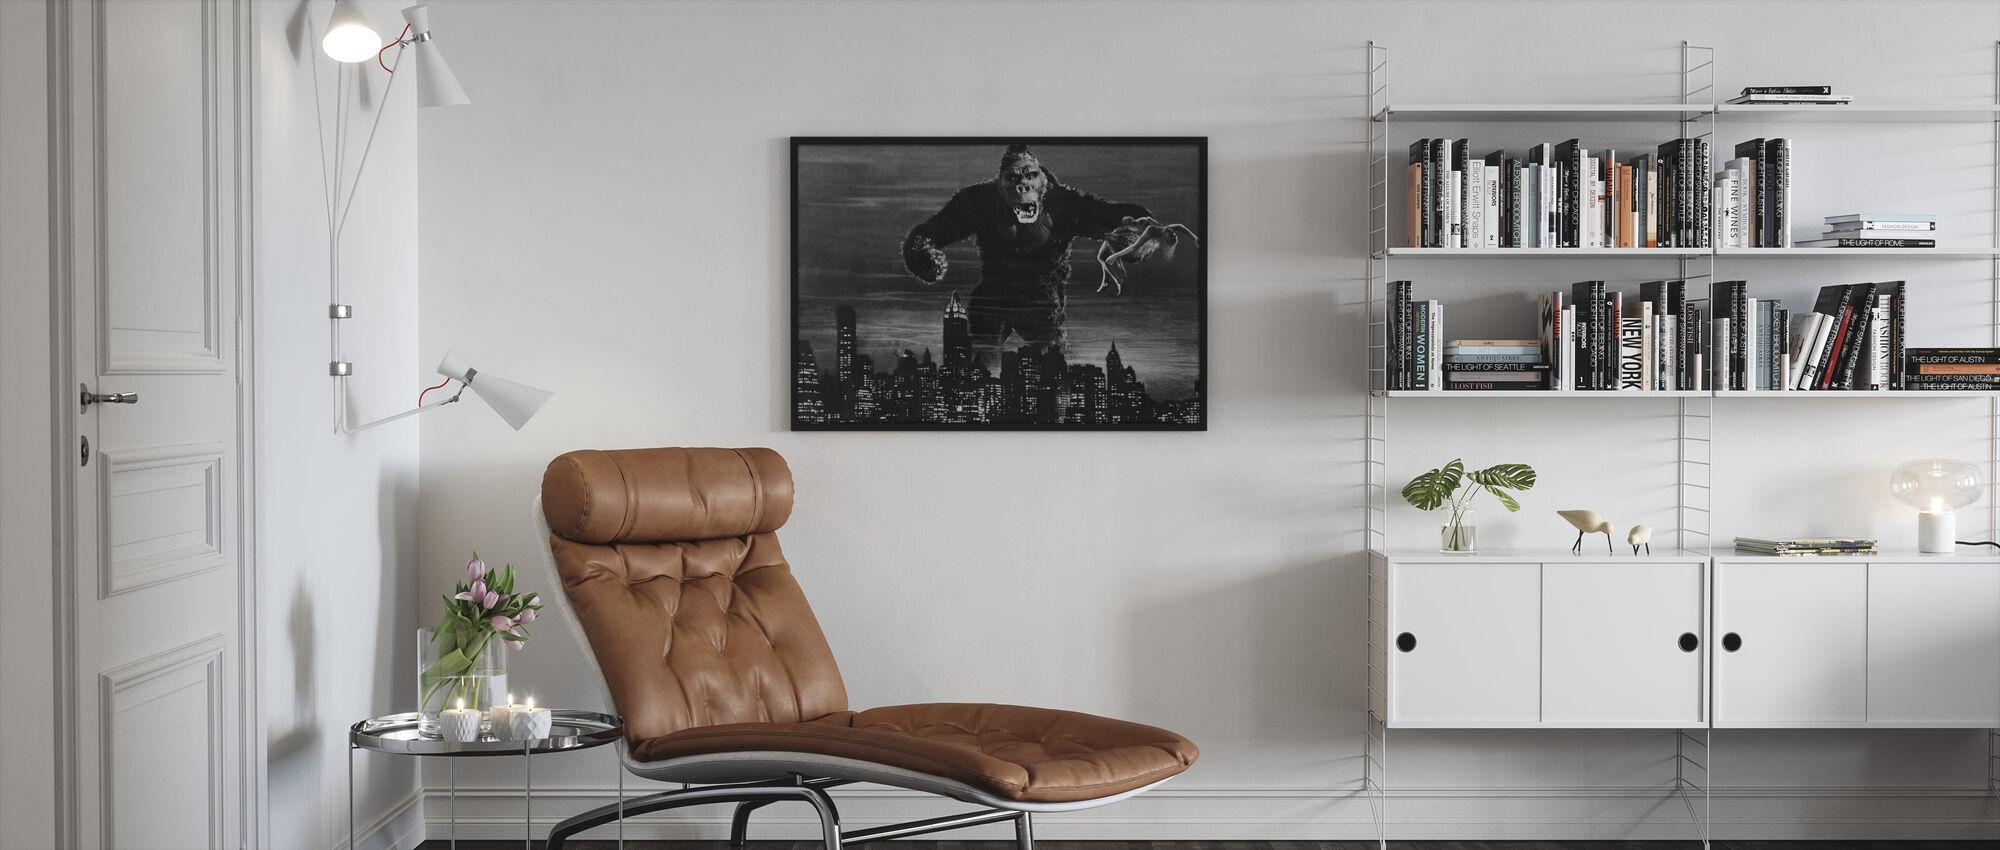 King Kong - Inramad tavla - Vardagsrum